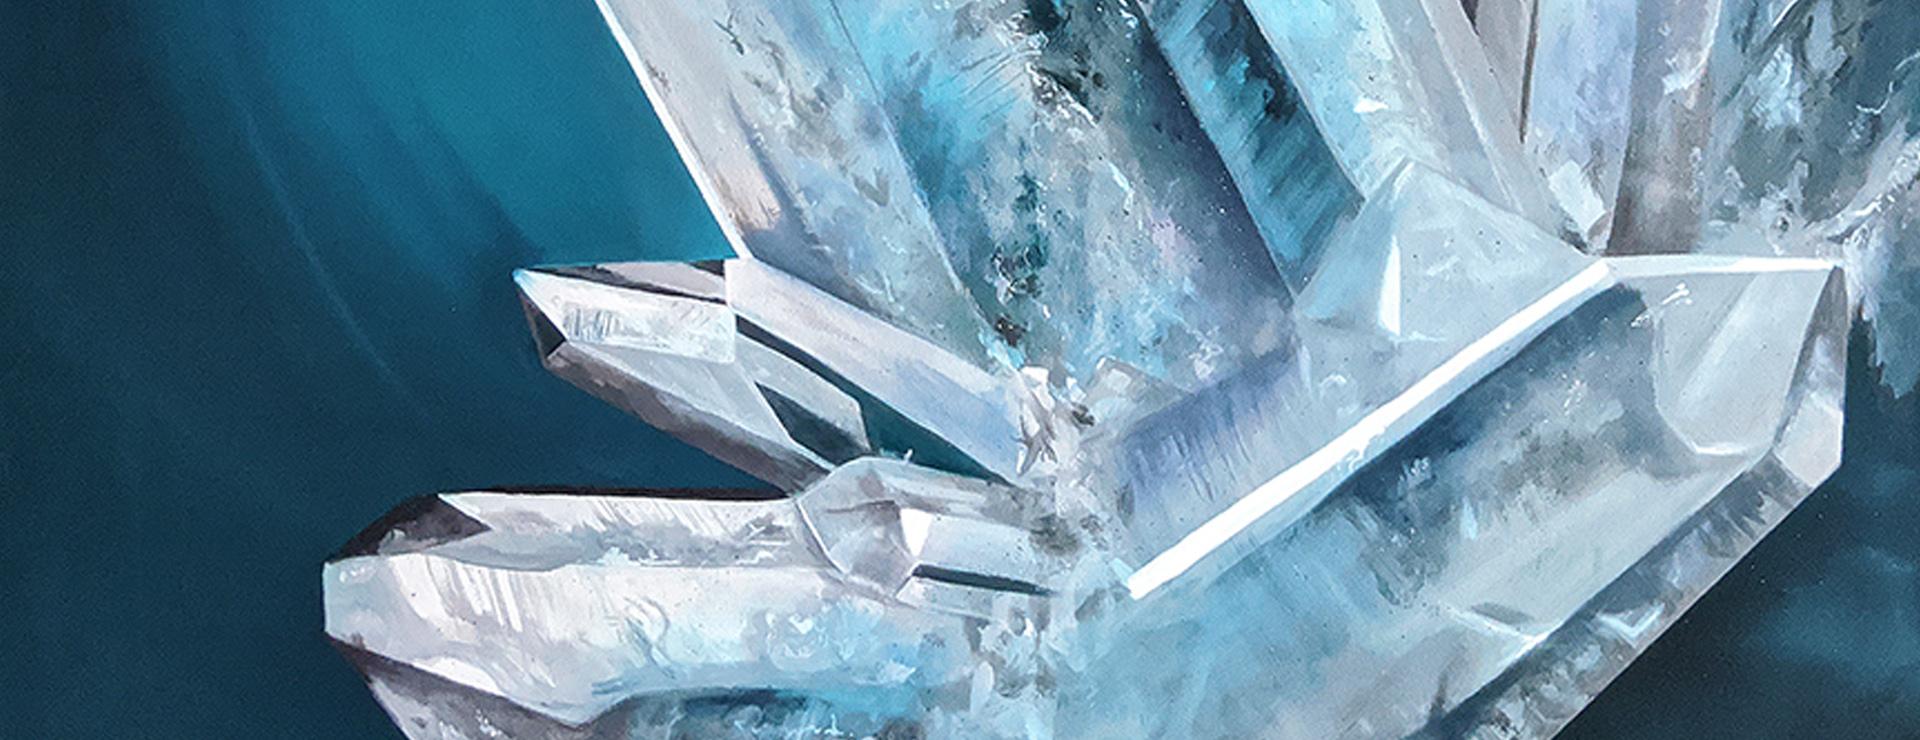 Aqua crystal cluster